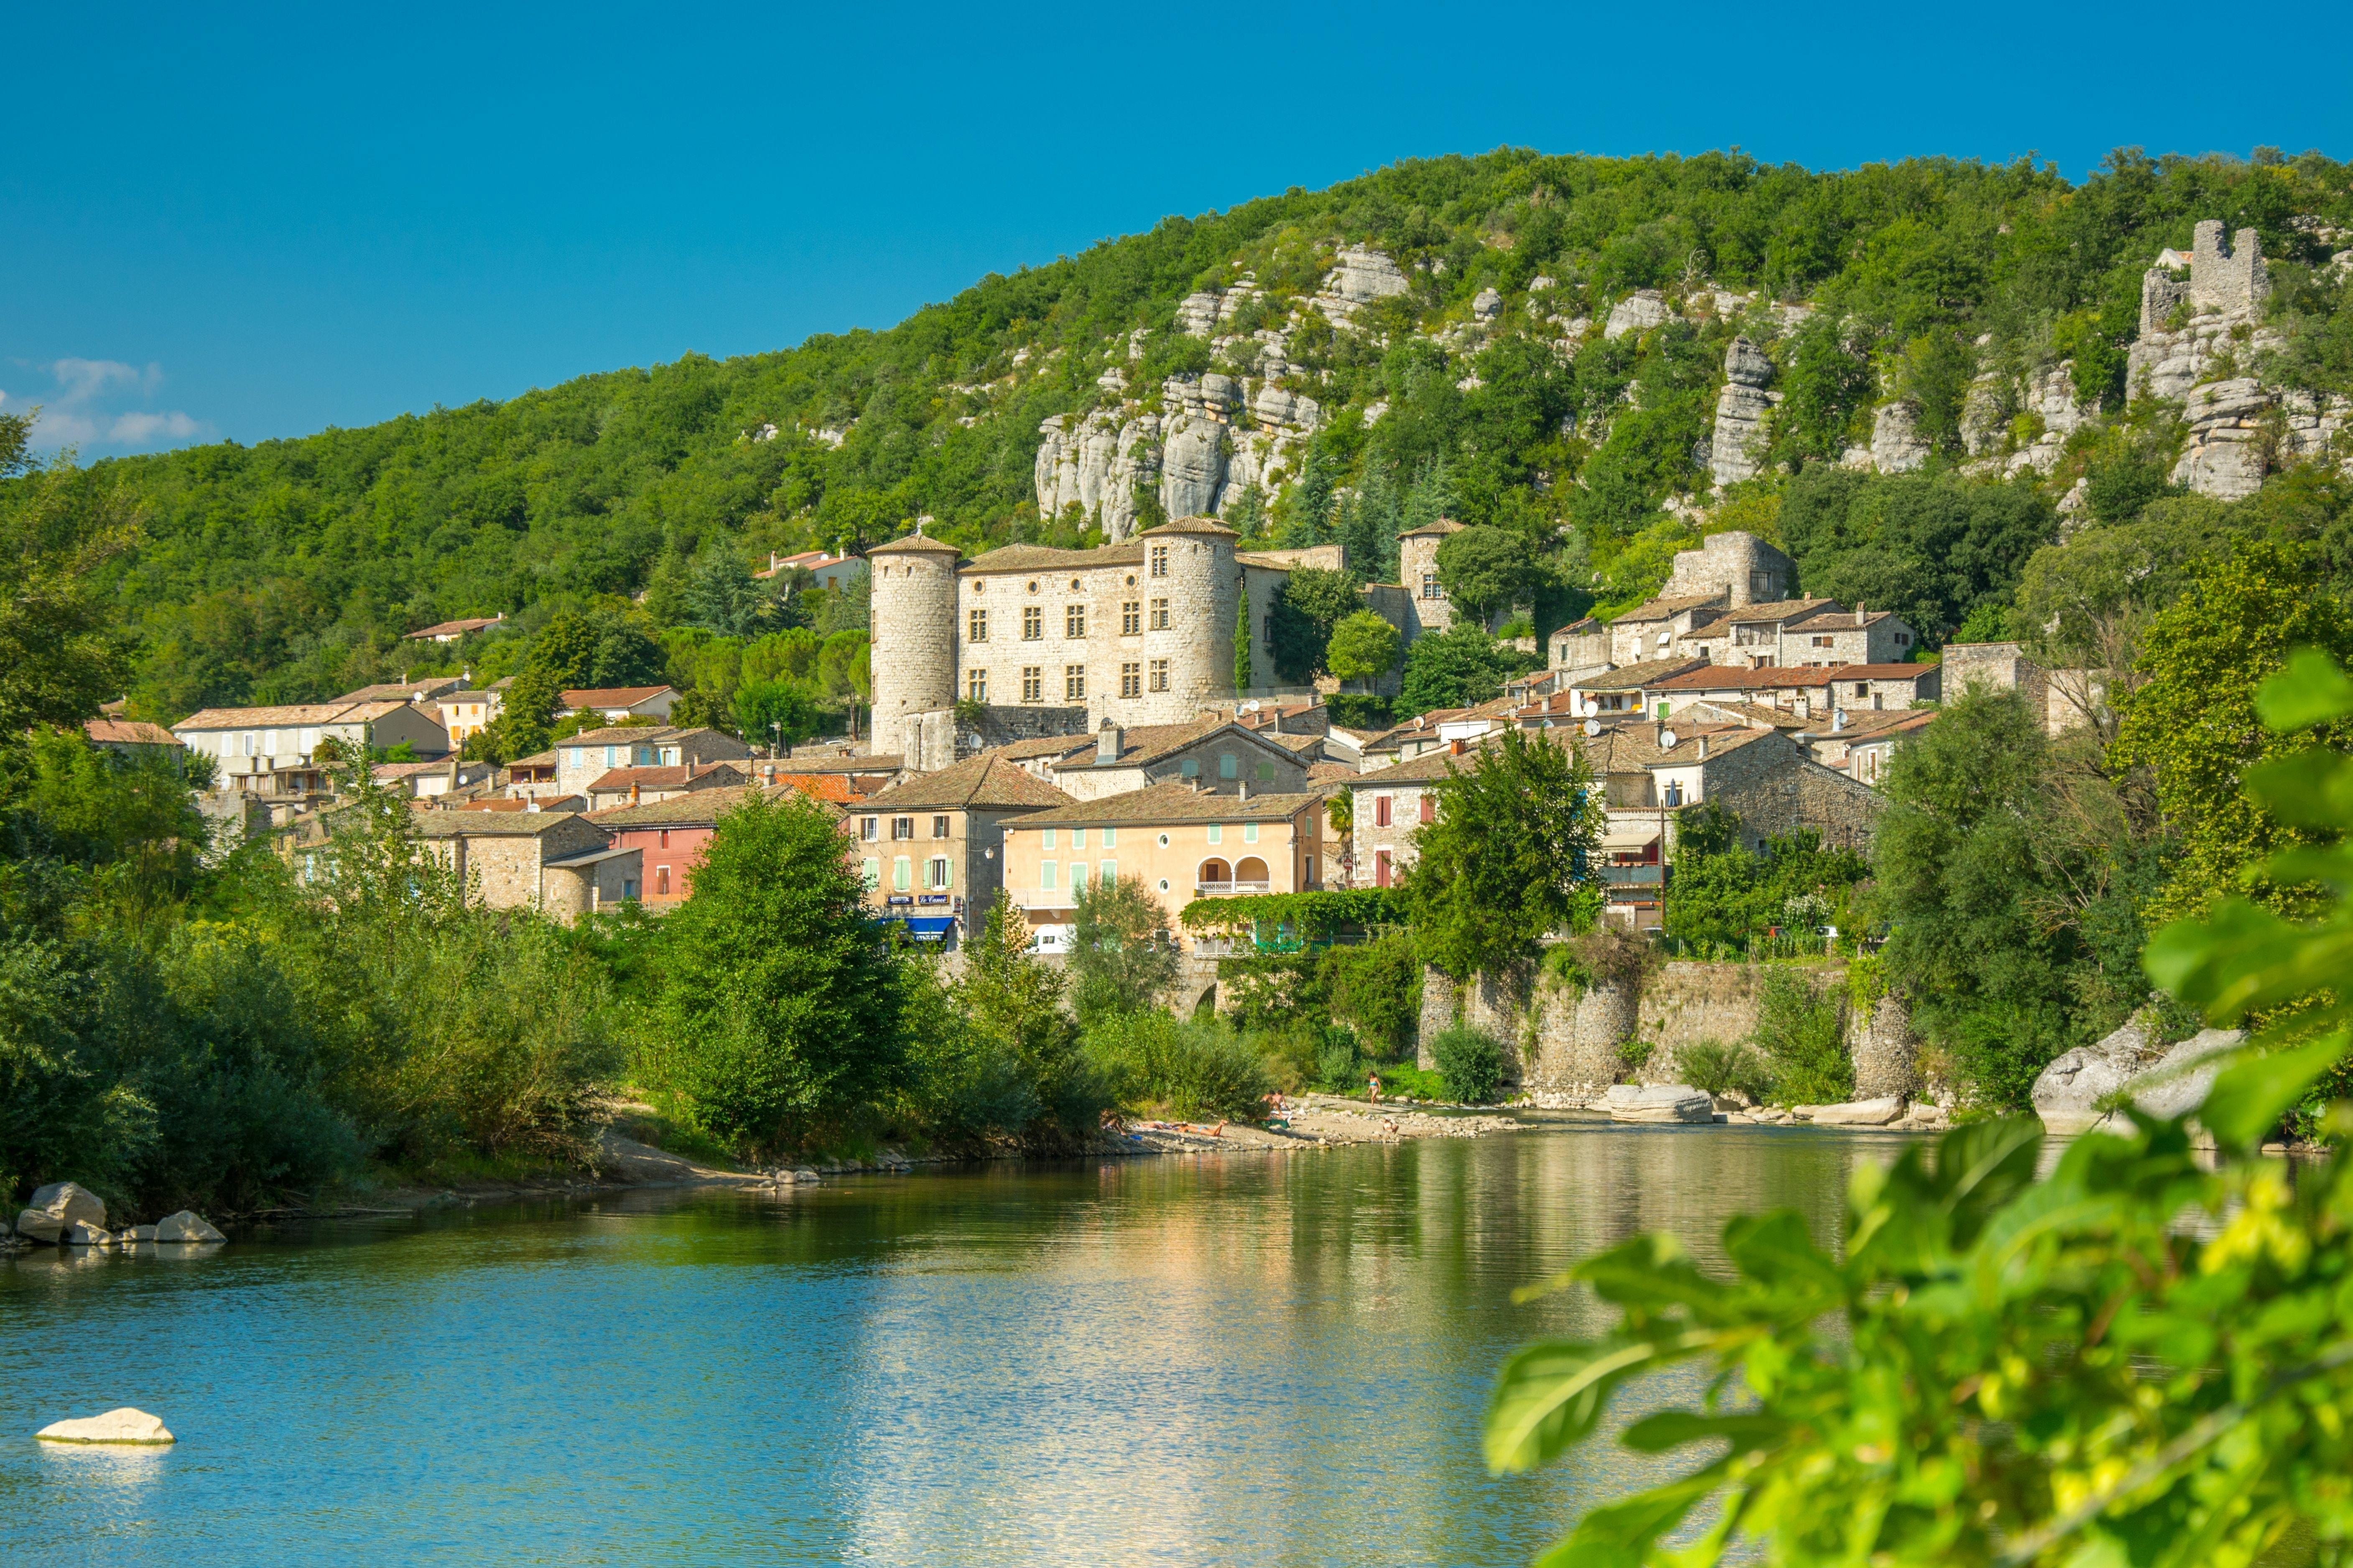 ARDECHE - VALLON PONT D'ARC